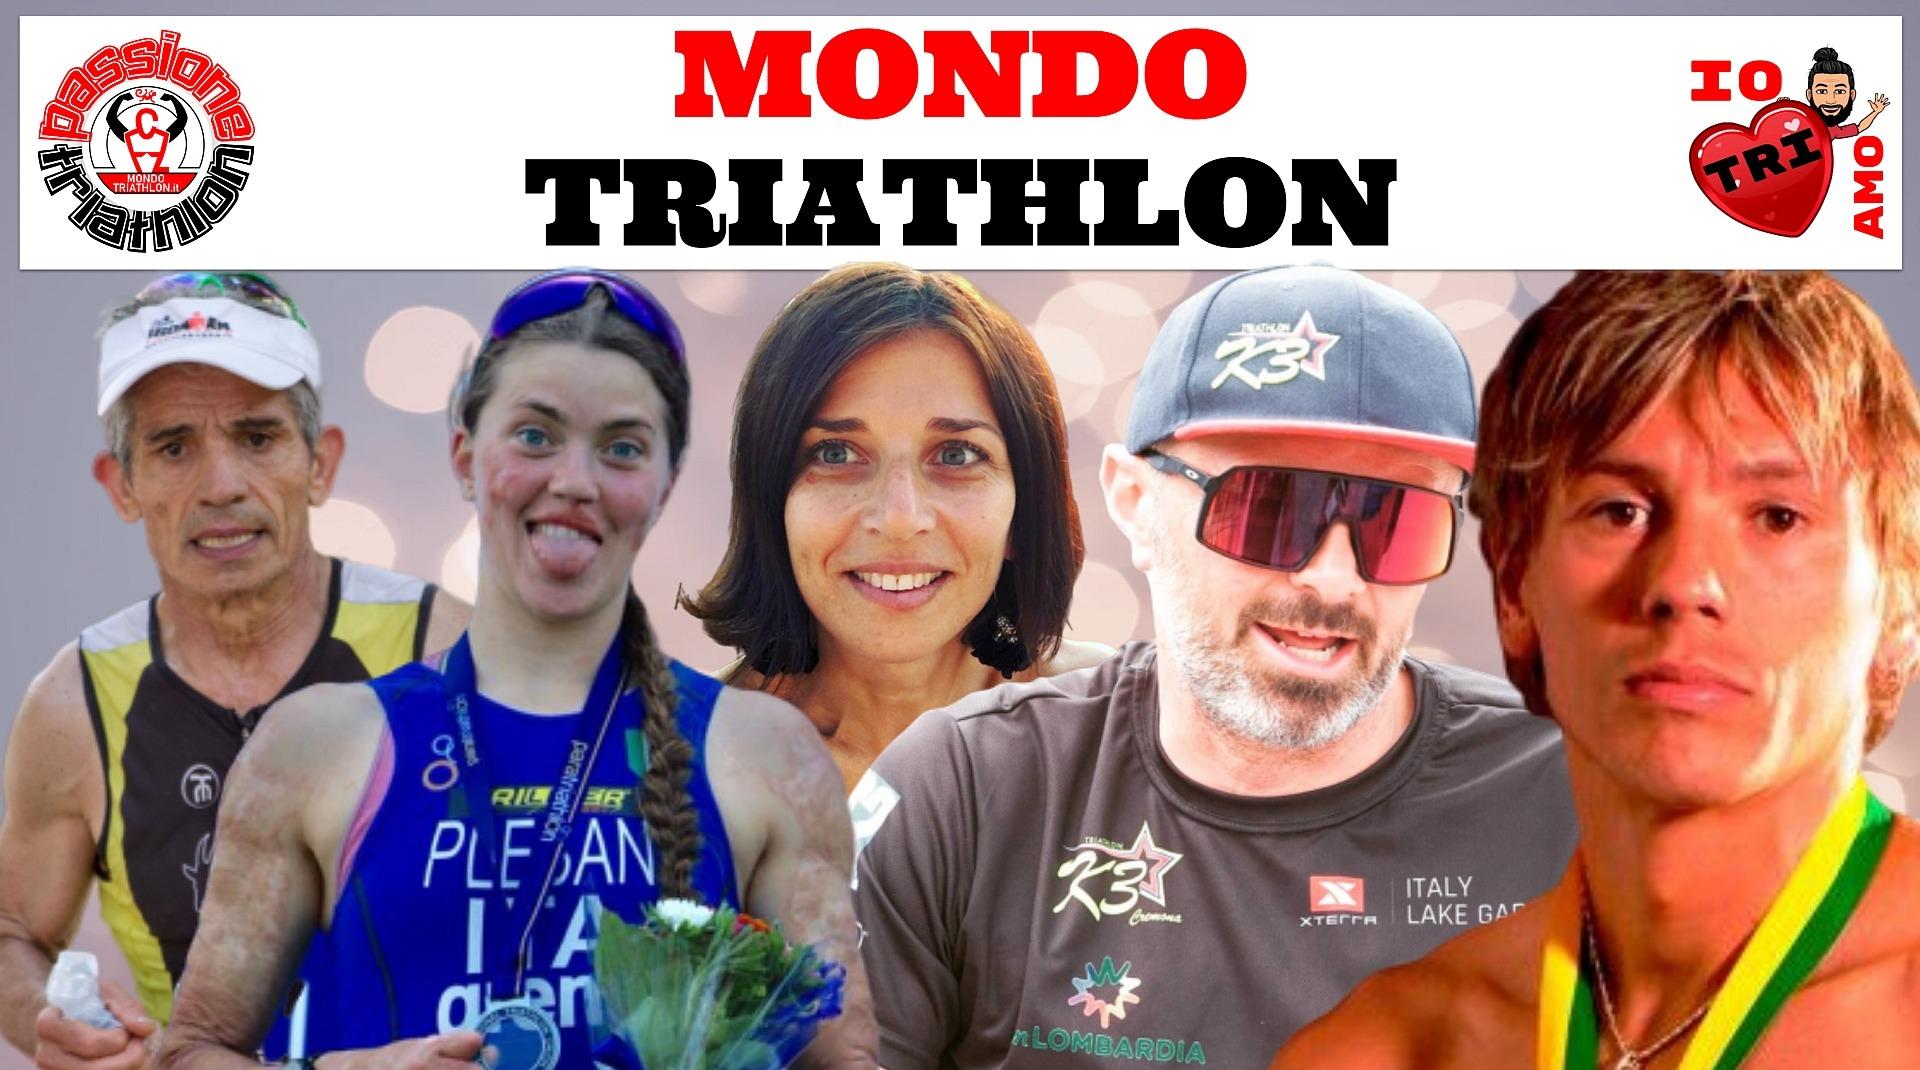 Passione Triathlon Wall Settimana 25-29 maggio 2020